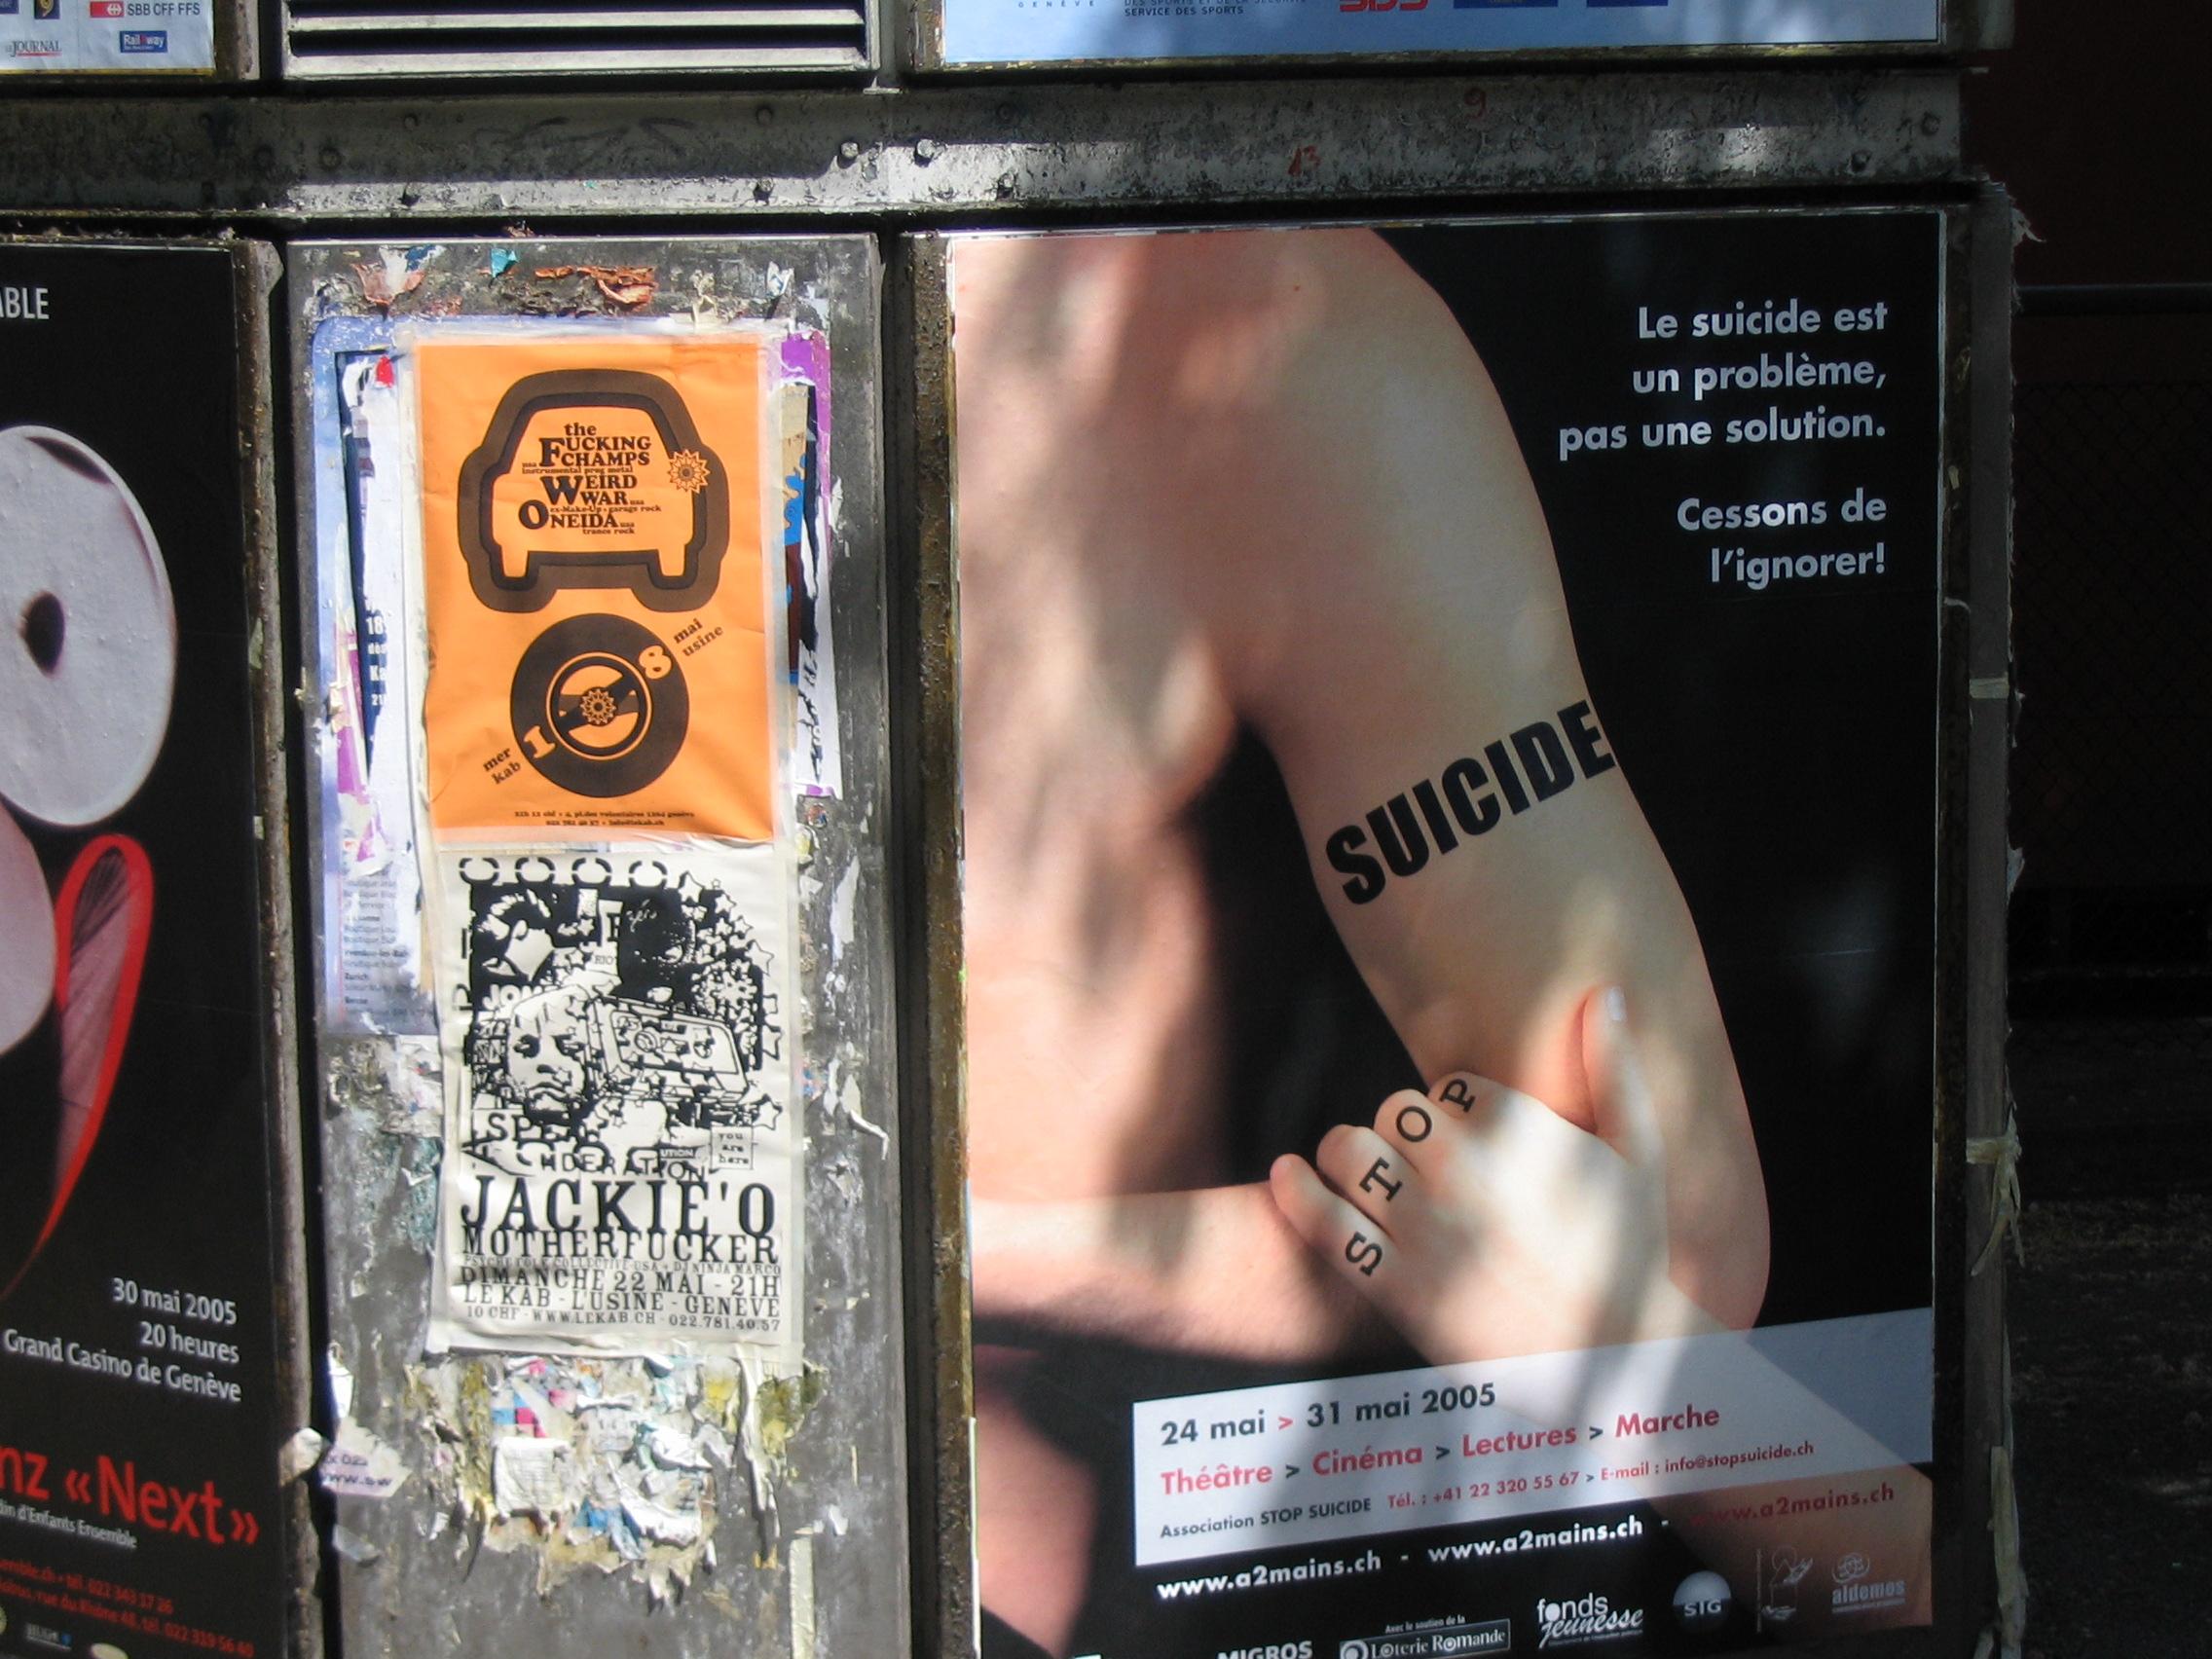 Pourquoi parler de suicide dans l'espace public ?